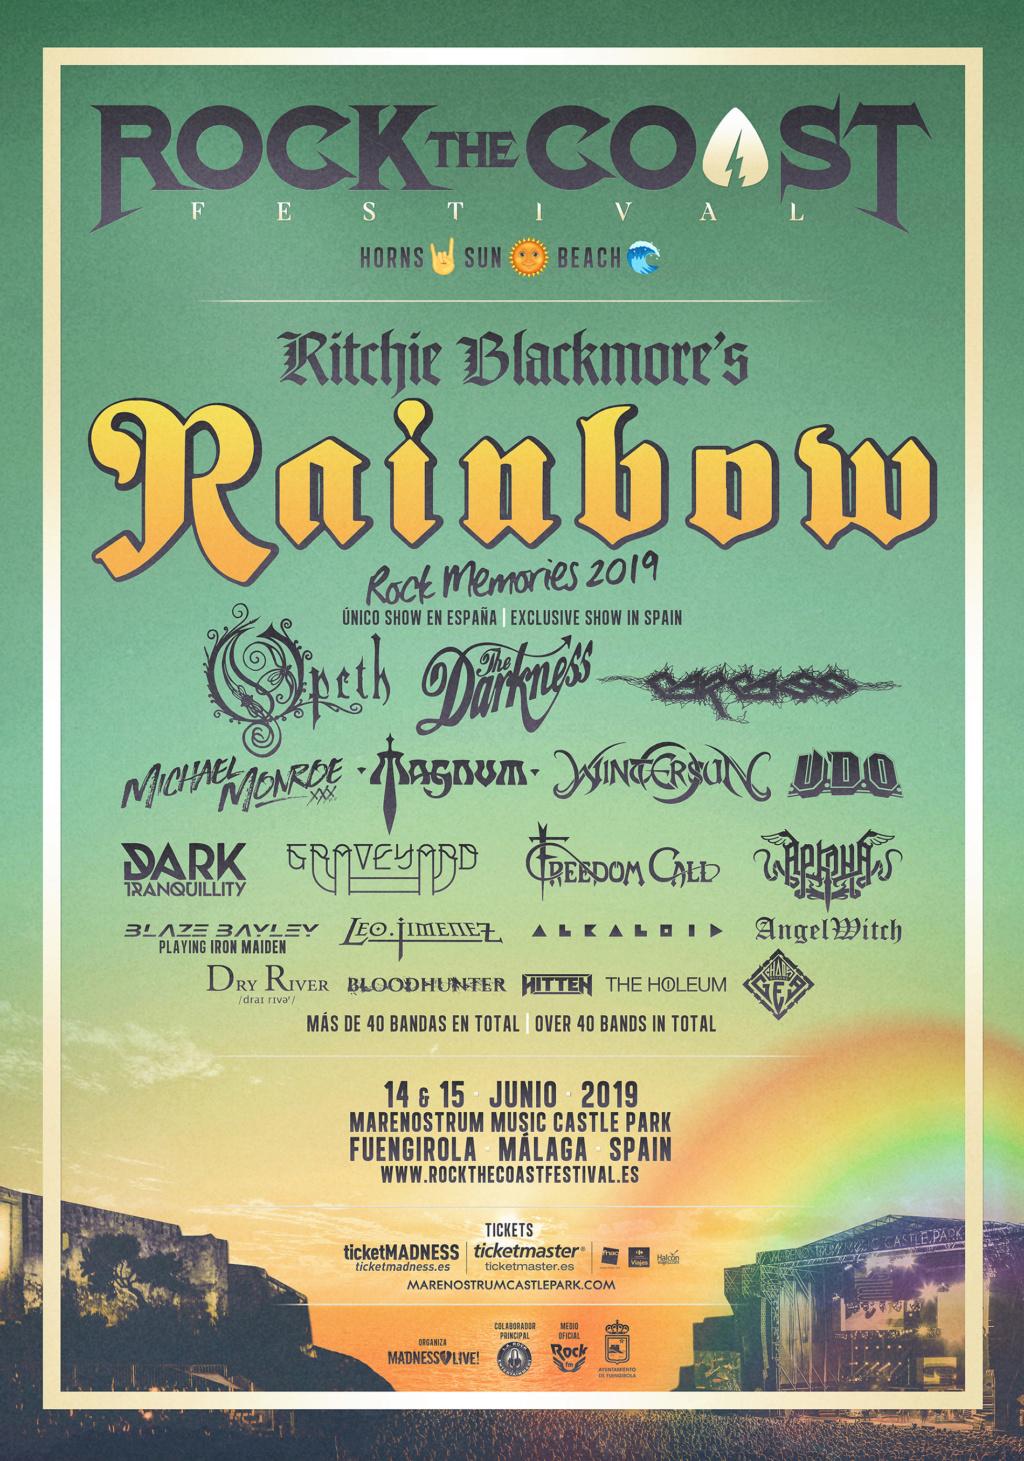 Agenda de giras, conciertos y festivales - Página 4 Poster10